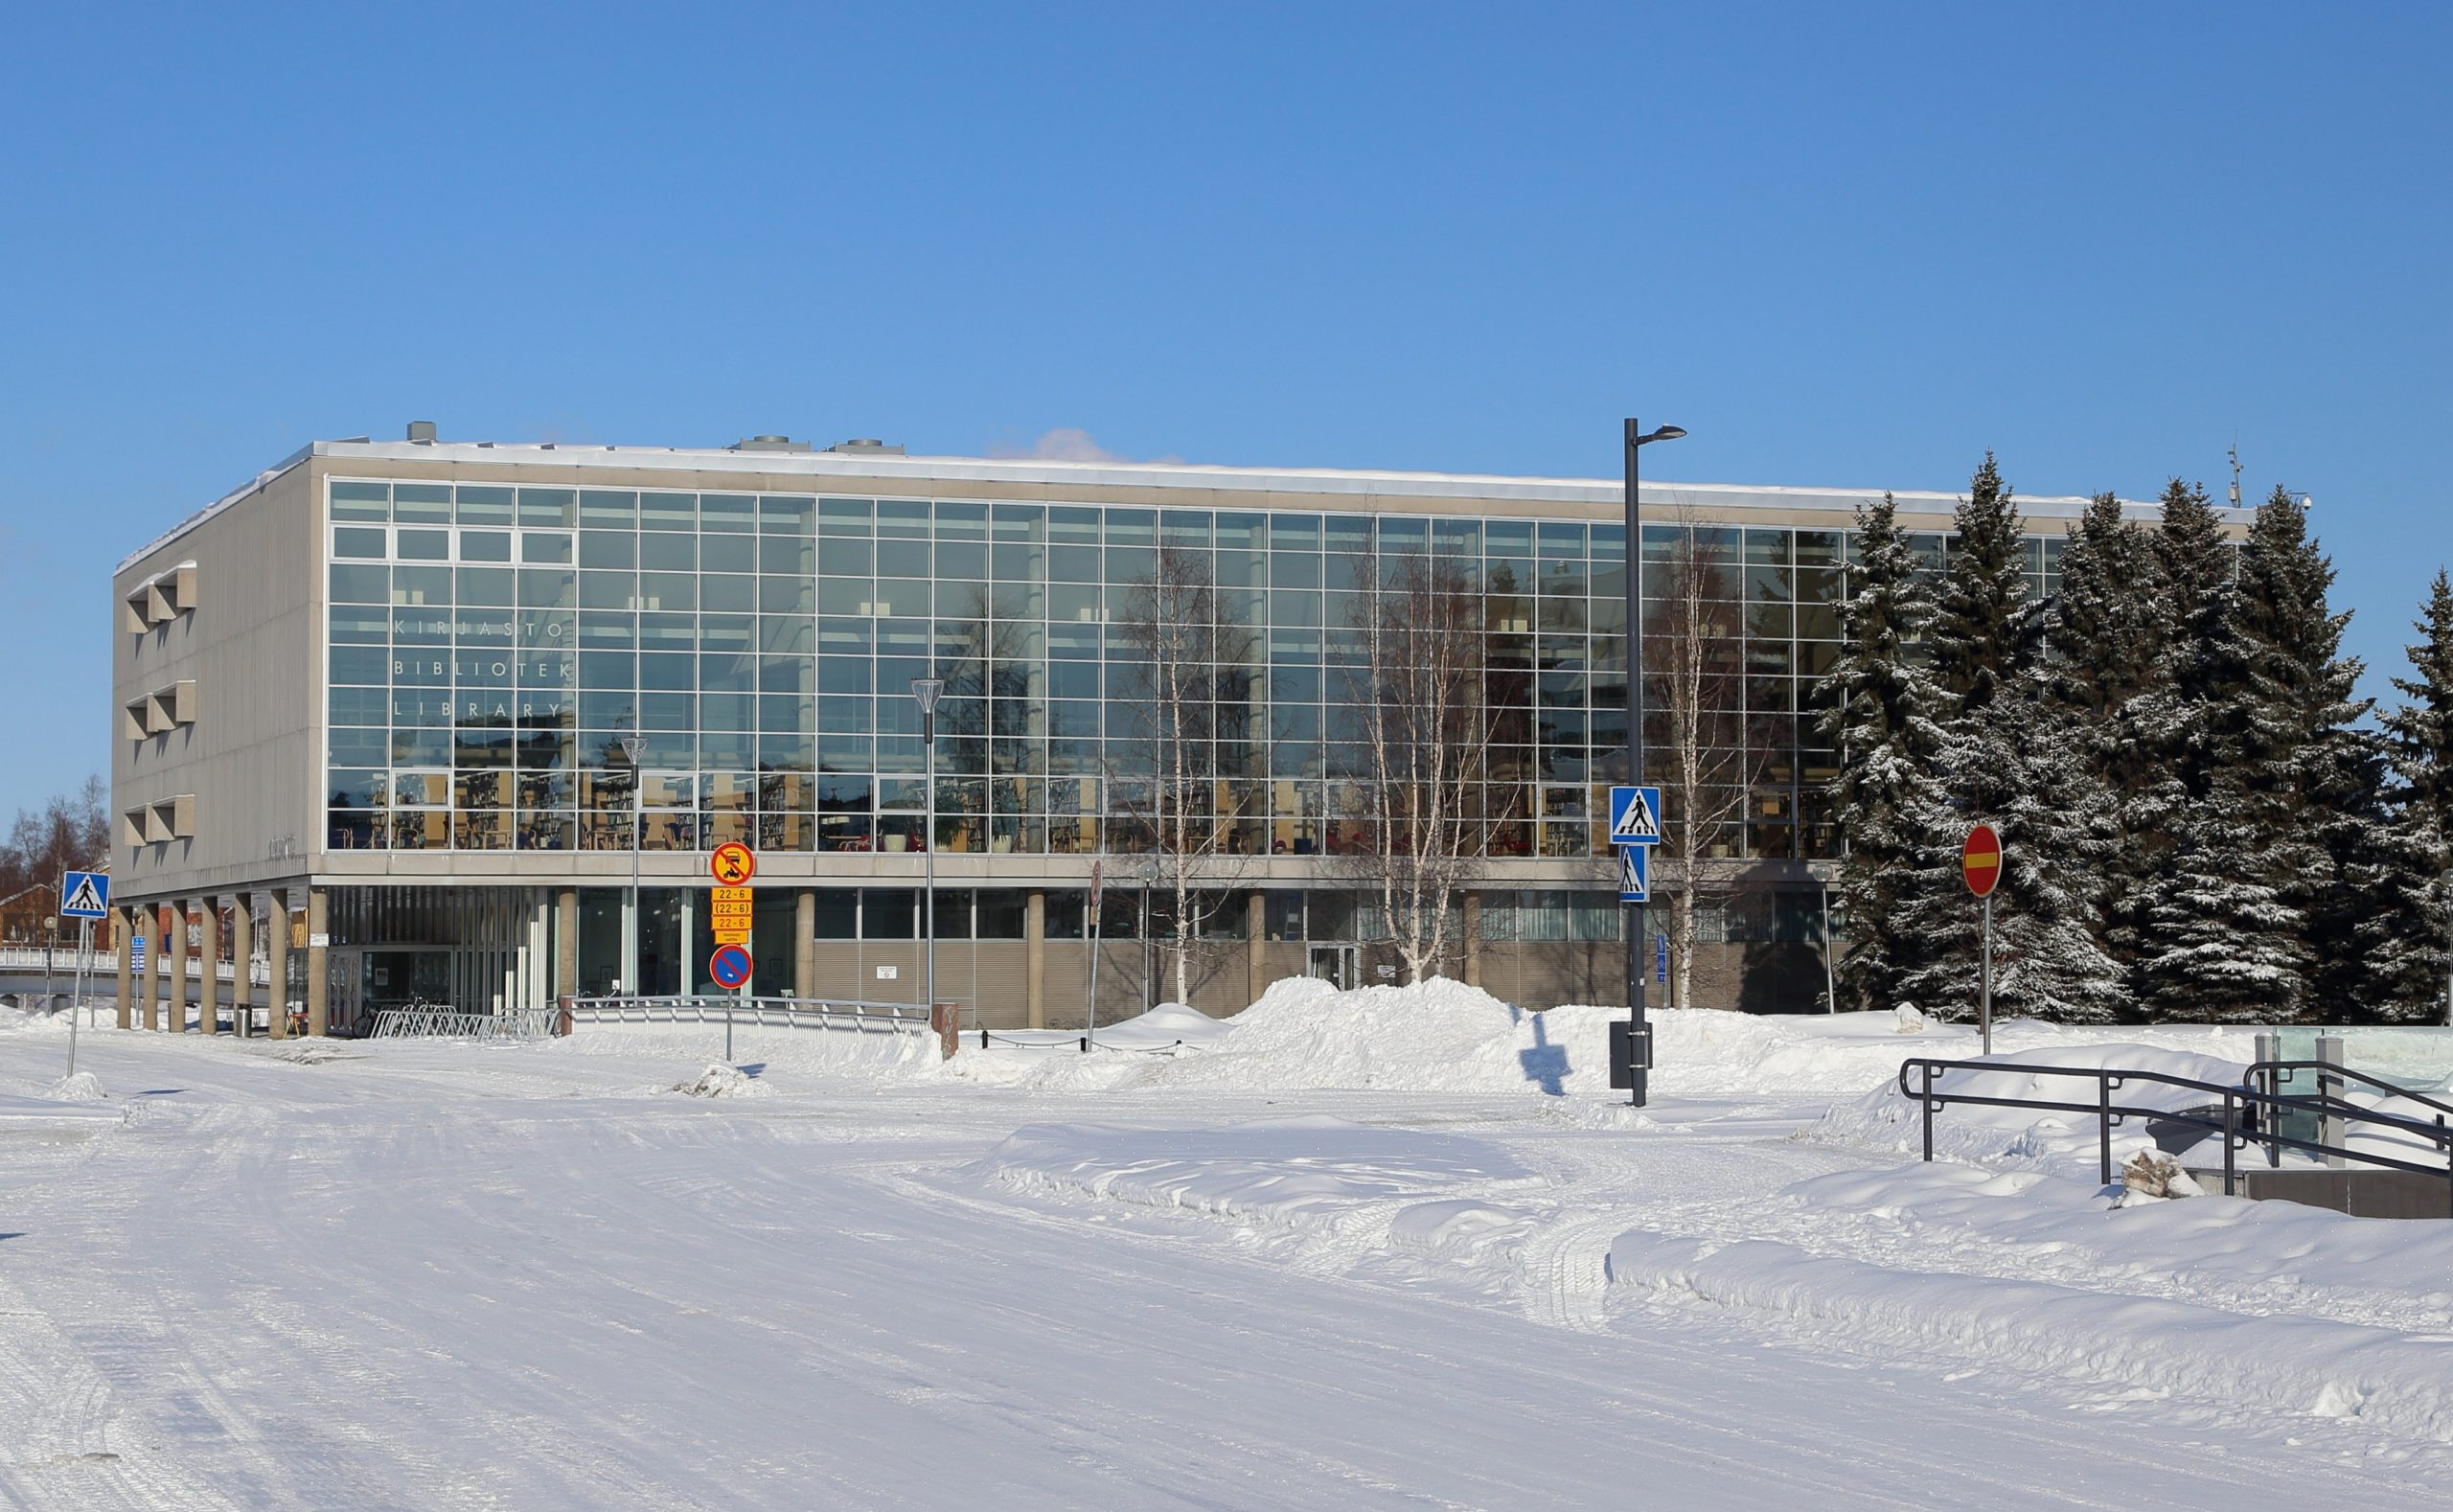 Oulun kaupunginkirjasto lumisessa maisemassa